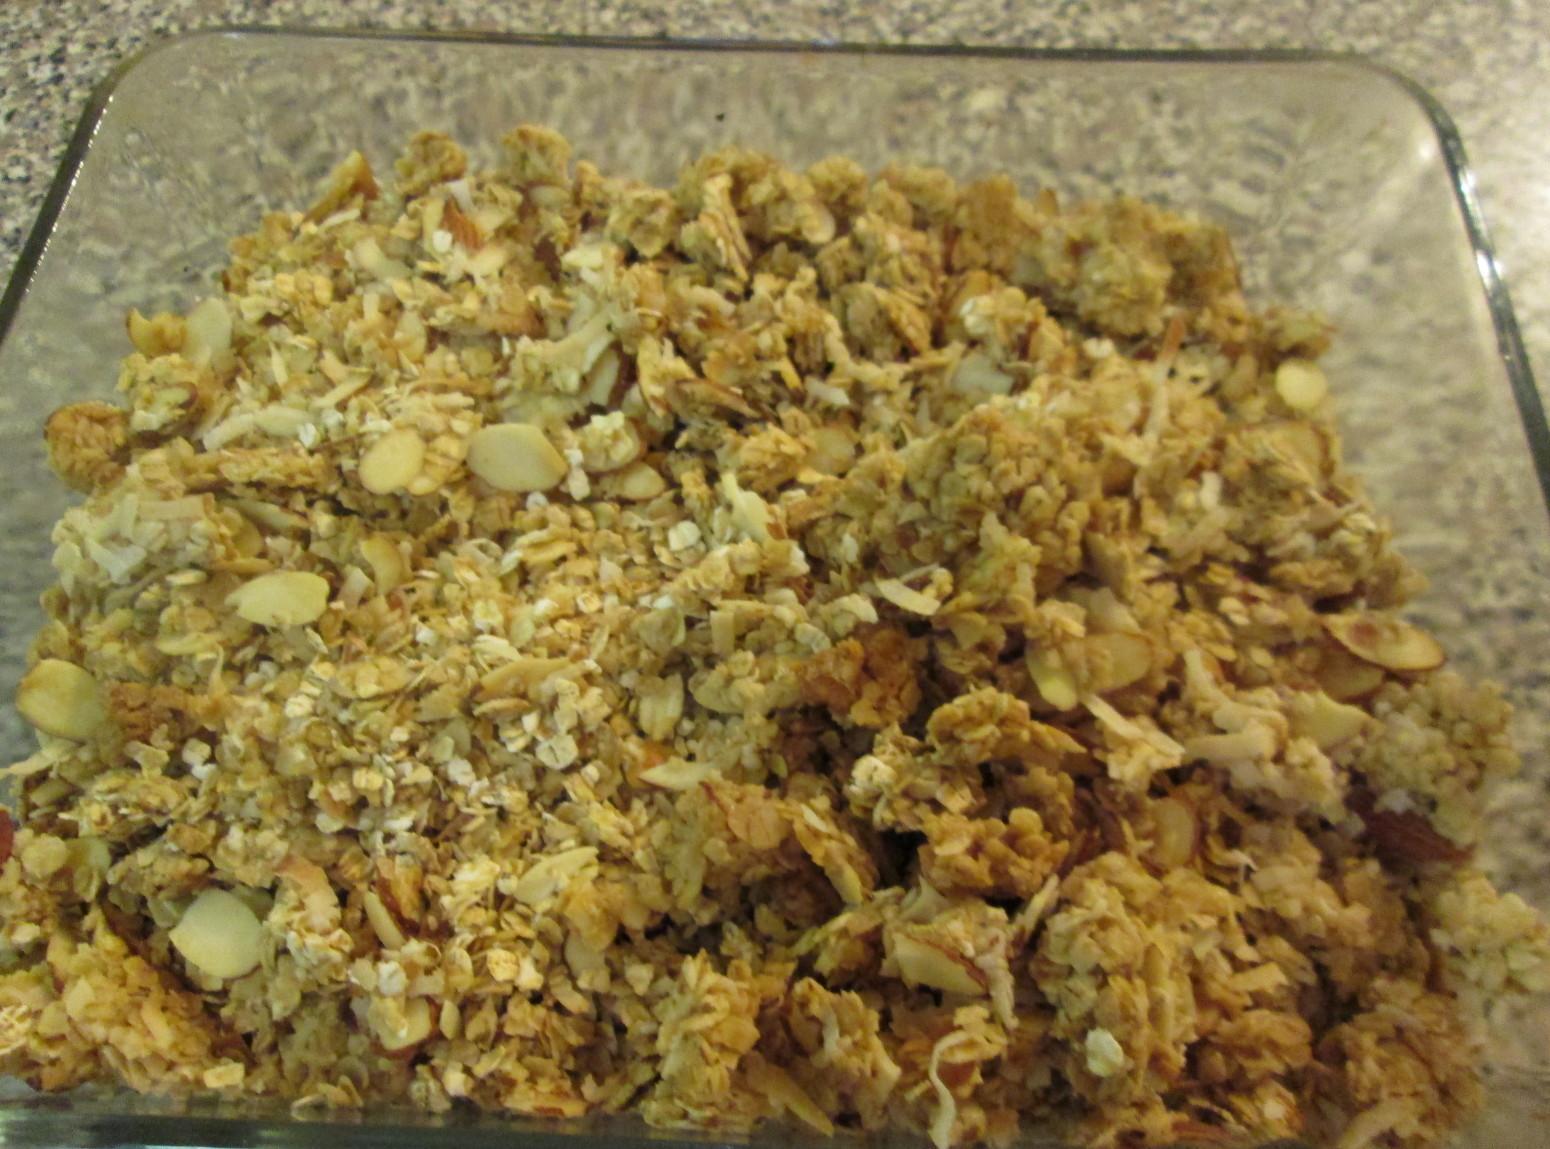 Almond Coconut Granola Recipe | Just A Pinch Recipes